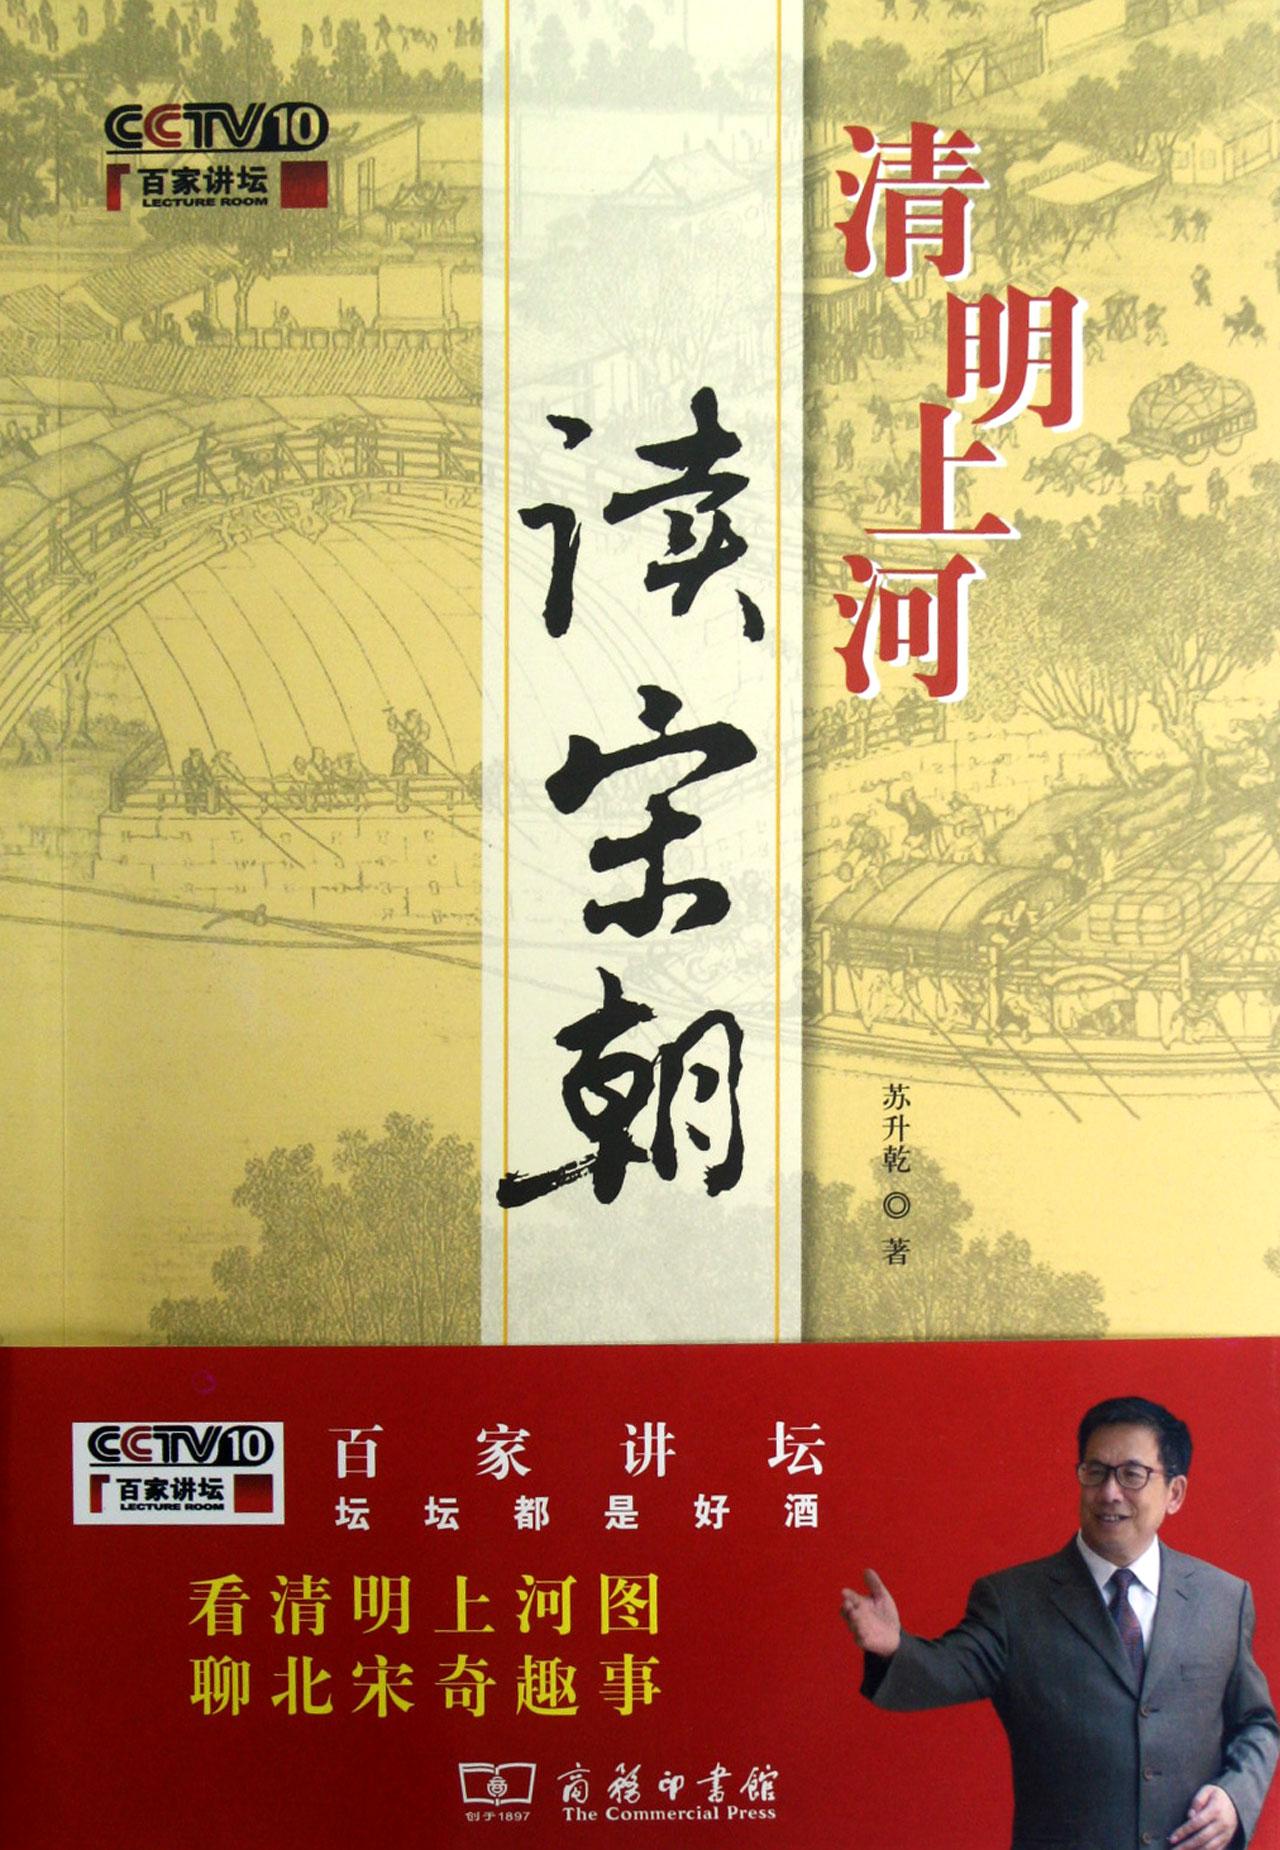 2013年09月29日 - 闲云野鹤 rylihongwei  - 闲云野鹤 rylihongwei的博客